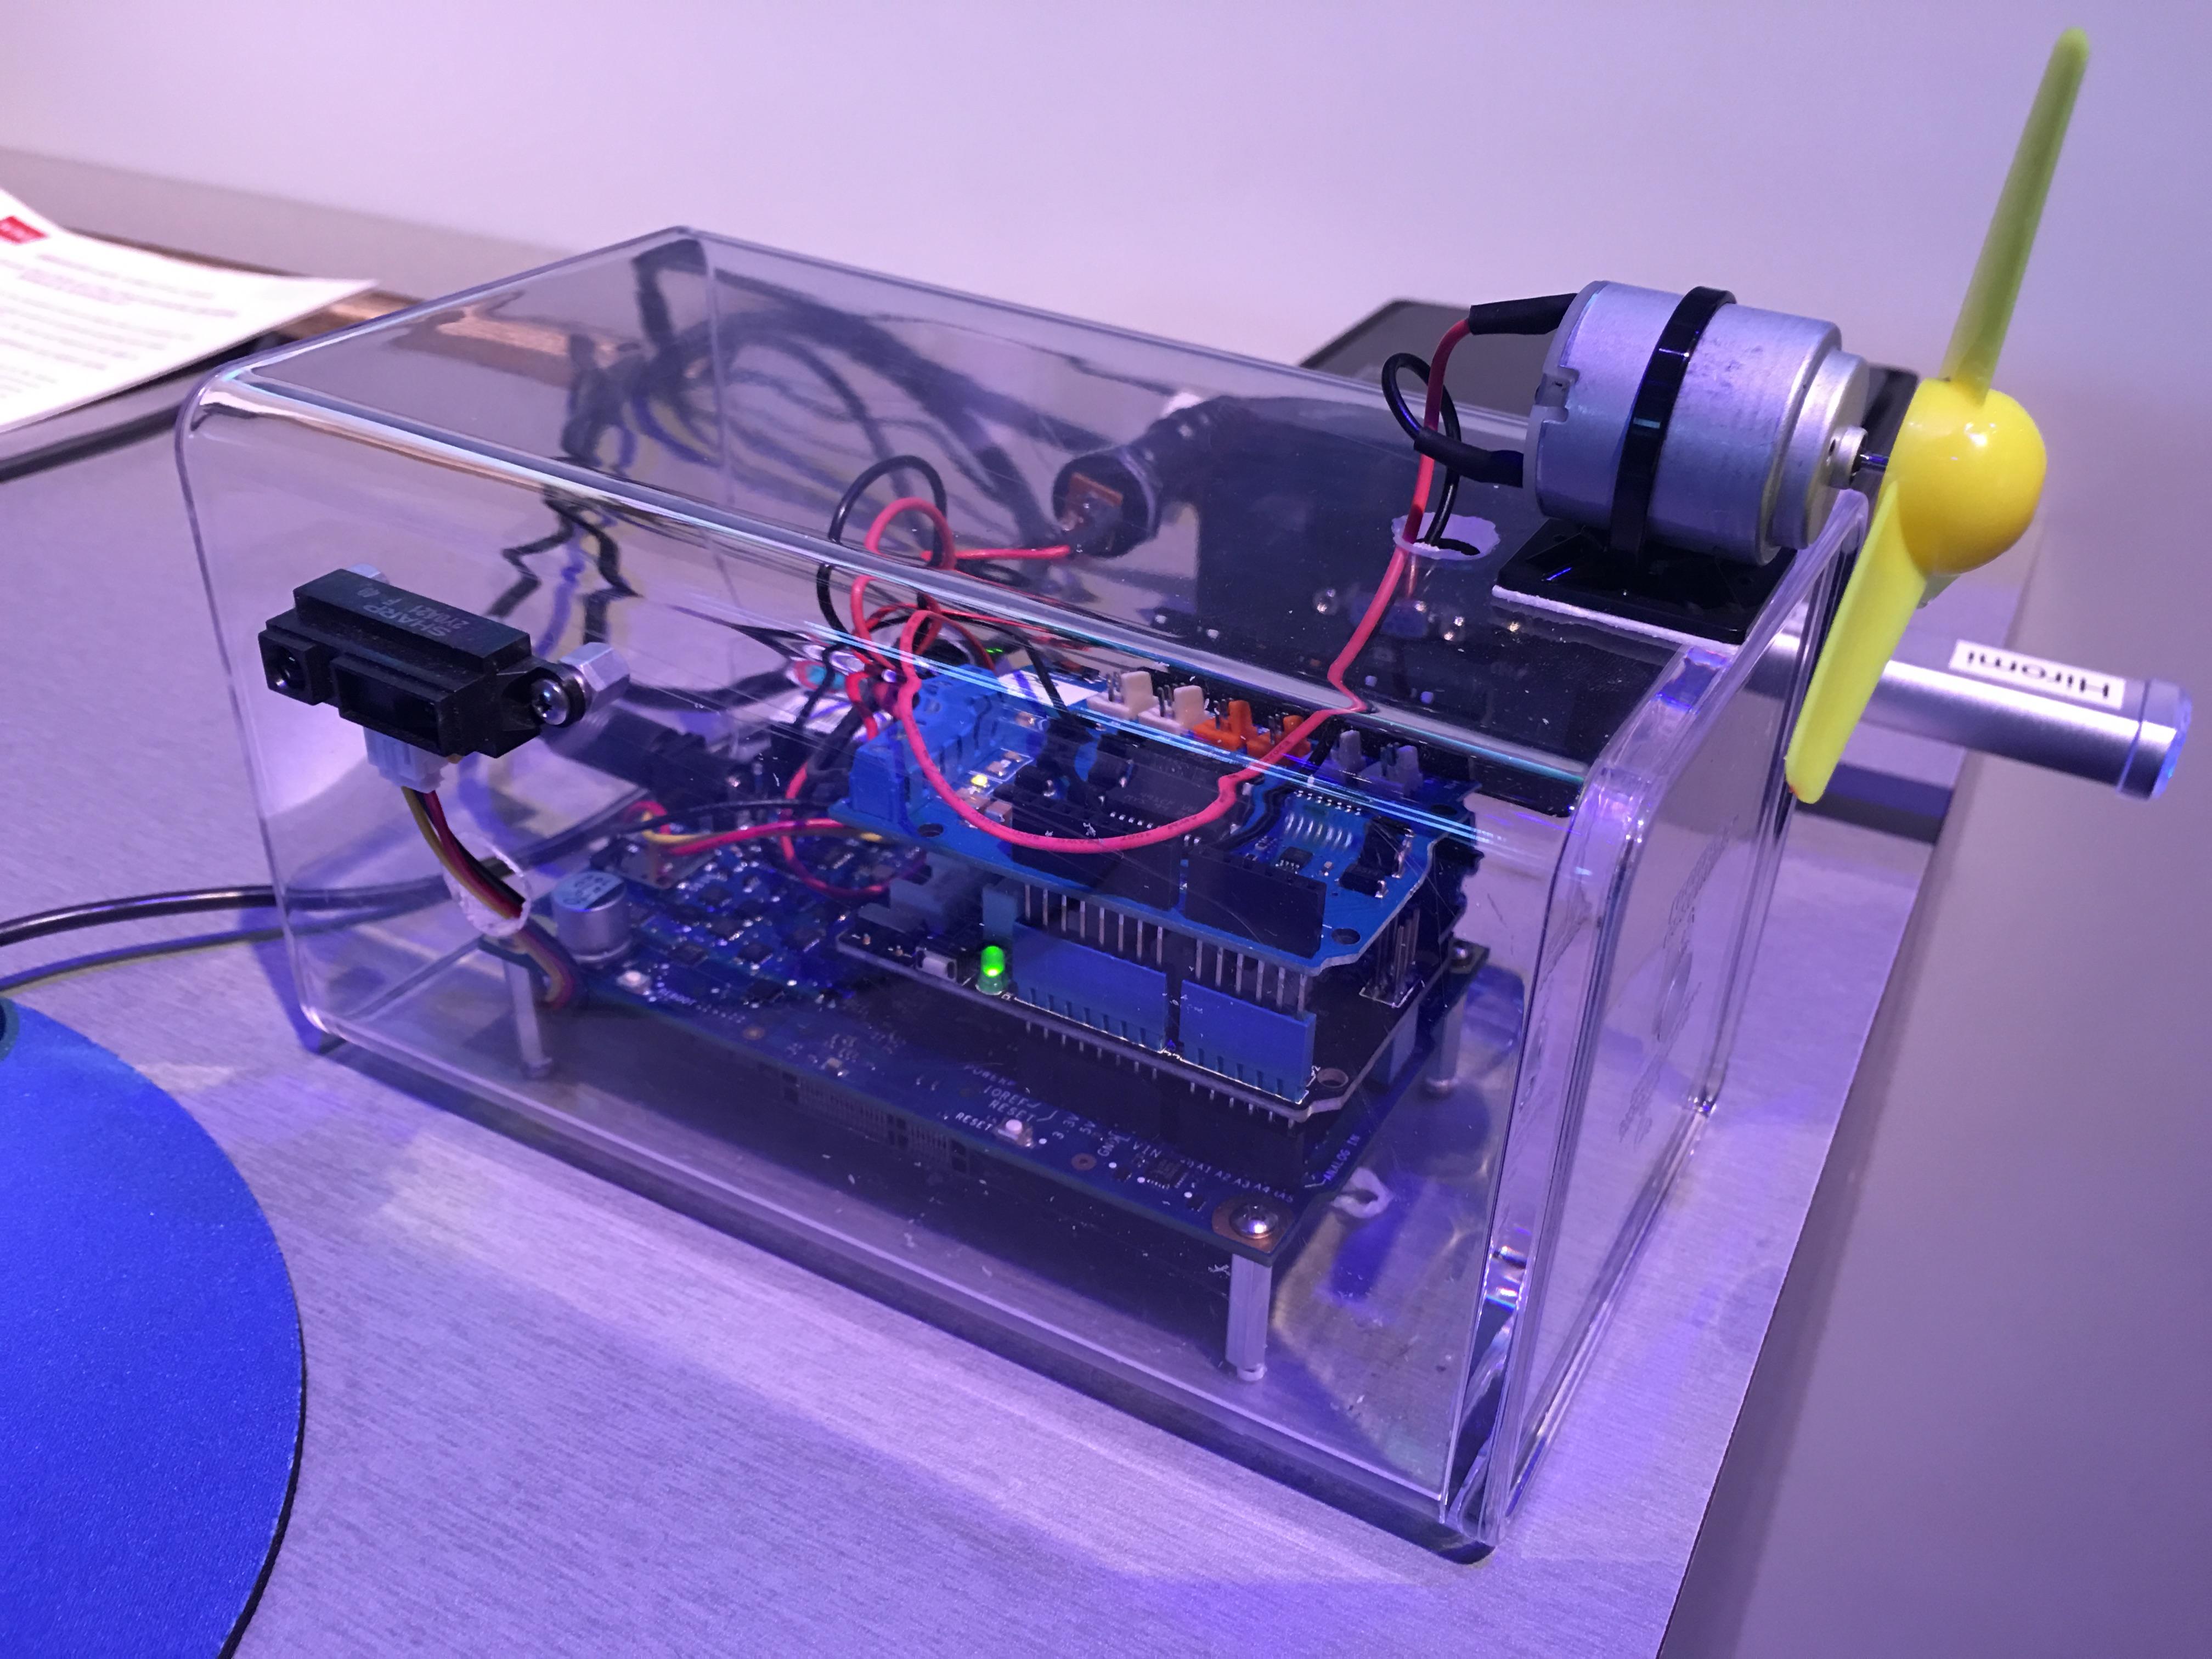 Ser du den svarte avlange boksen på utsiden av utviklerboksen? Dette er en sensor som merker om noe er i nærheten, for eksempel en hånd. Man kan enkelt leke seg og programmere den lille viften til å starte og stoppe når hånda er nær sensoren.